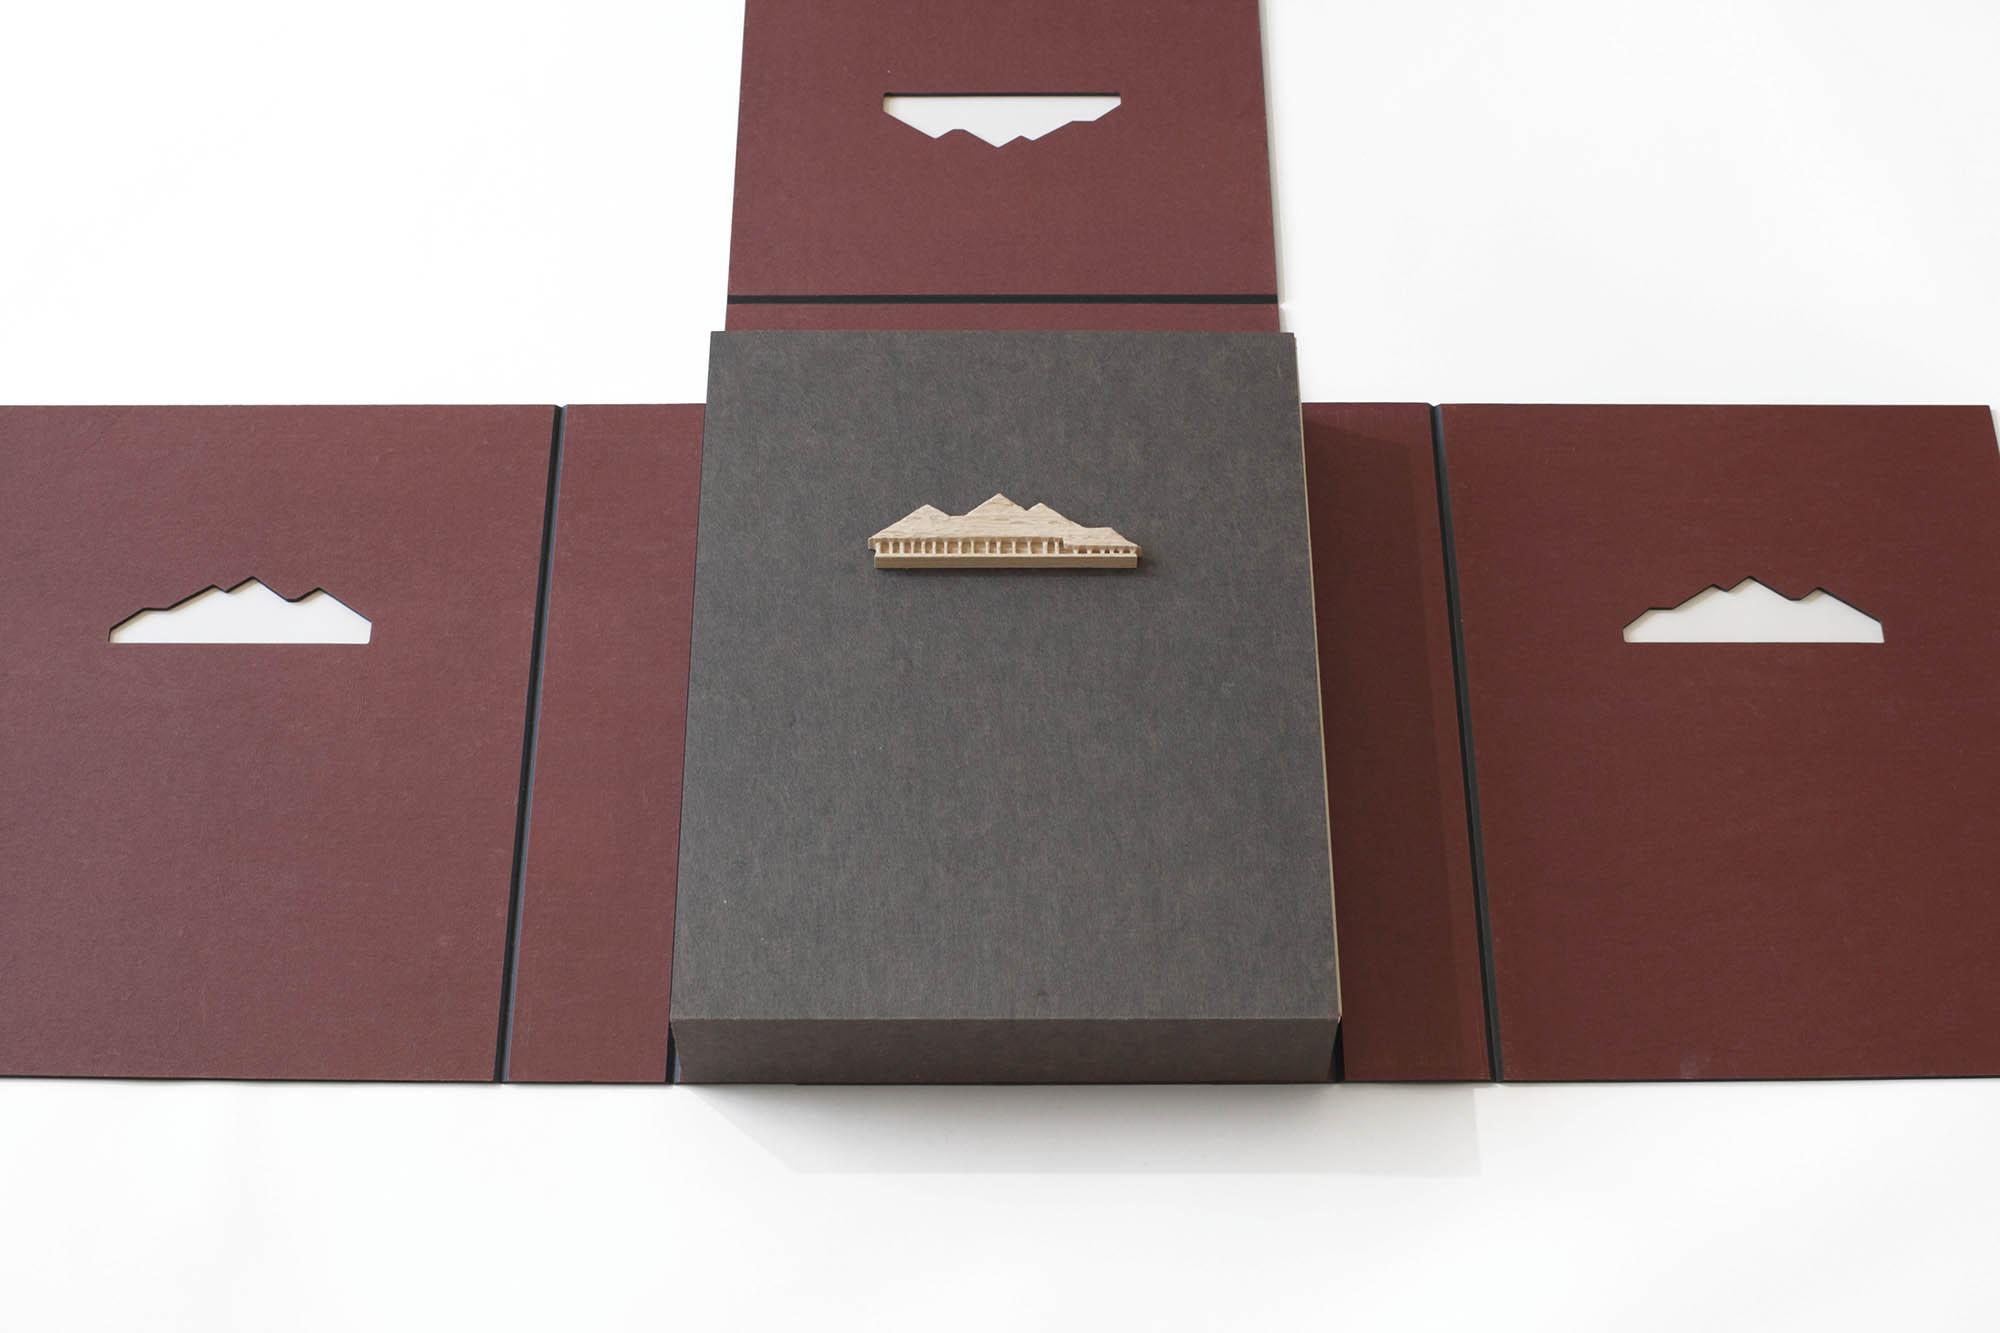 藤森照信作品集 La Collina2017 函 展開4